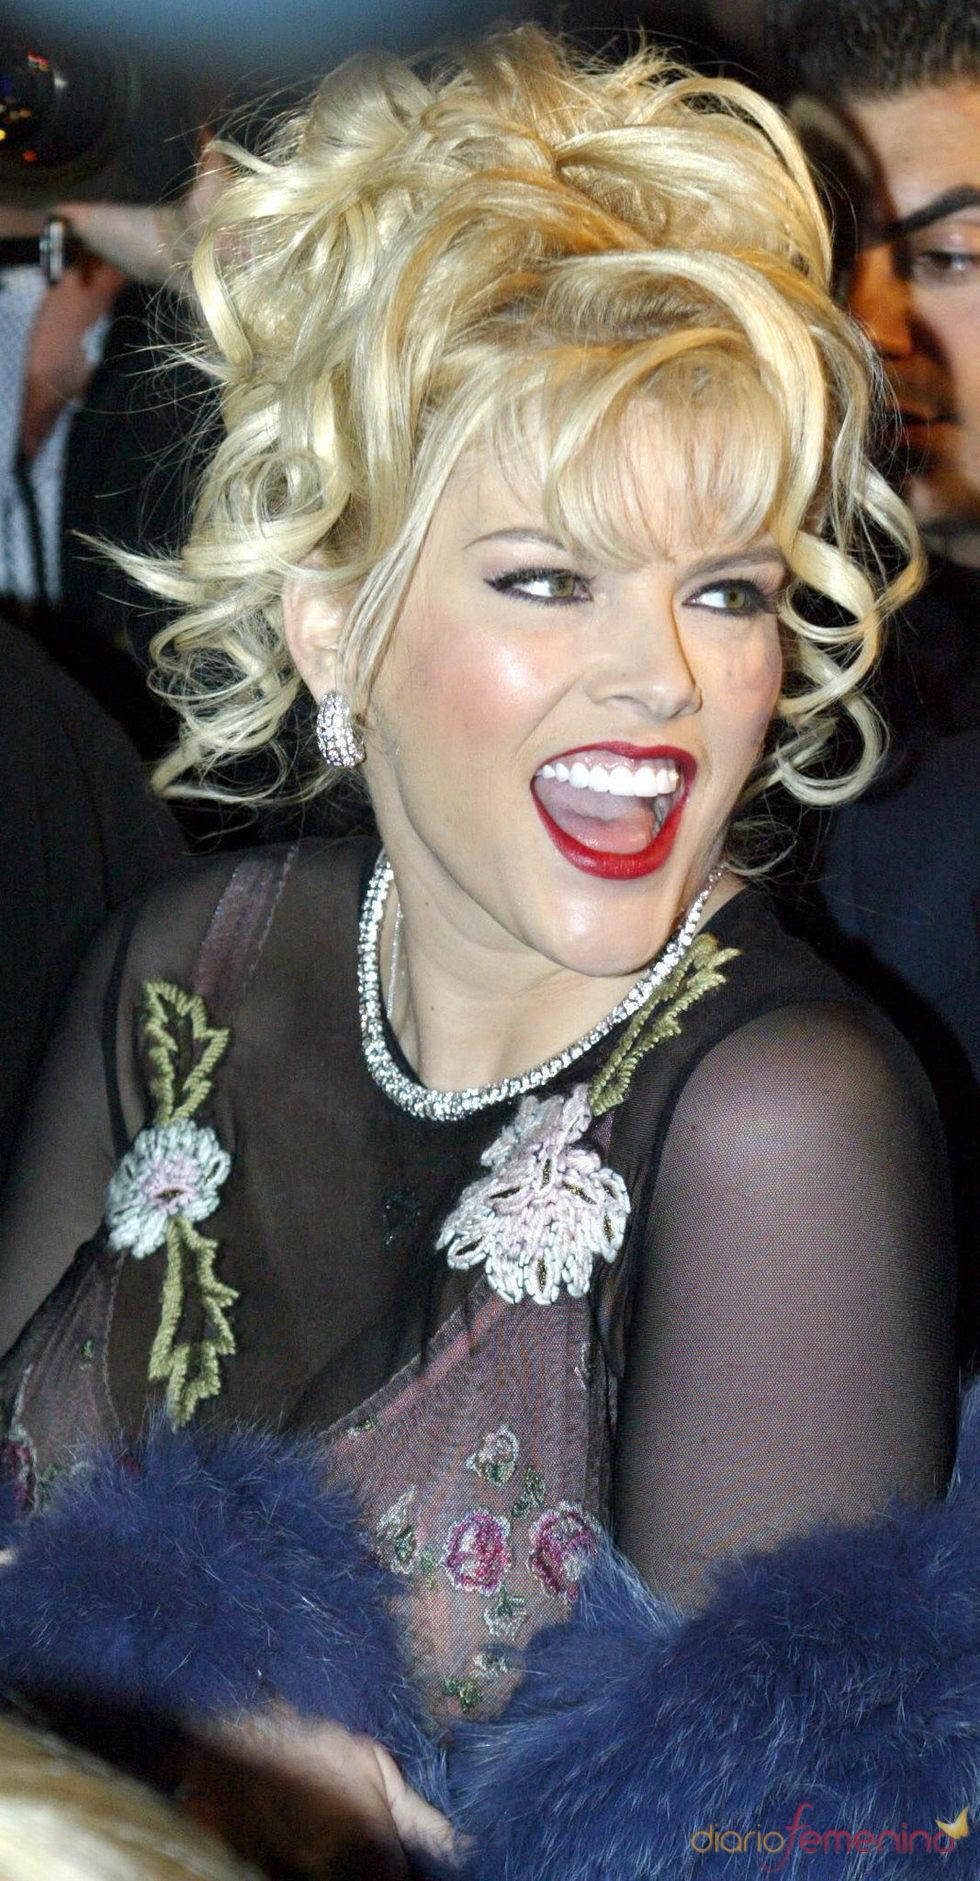 La vida de Anna Nicole Smith, ex modelo Playboy, protagonista de una ópera